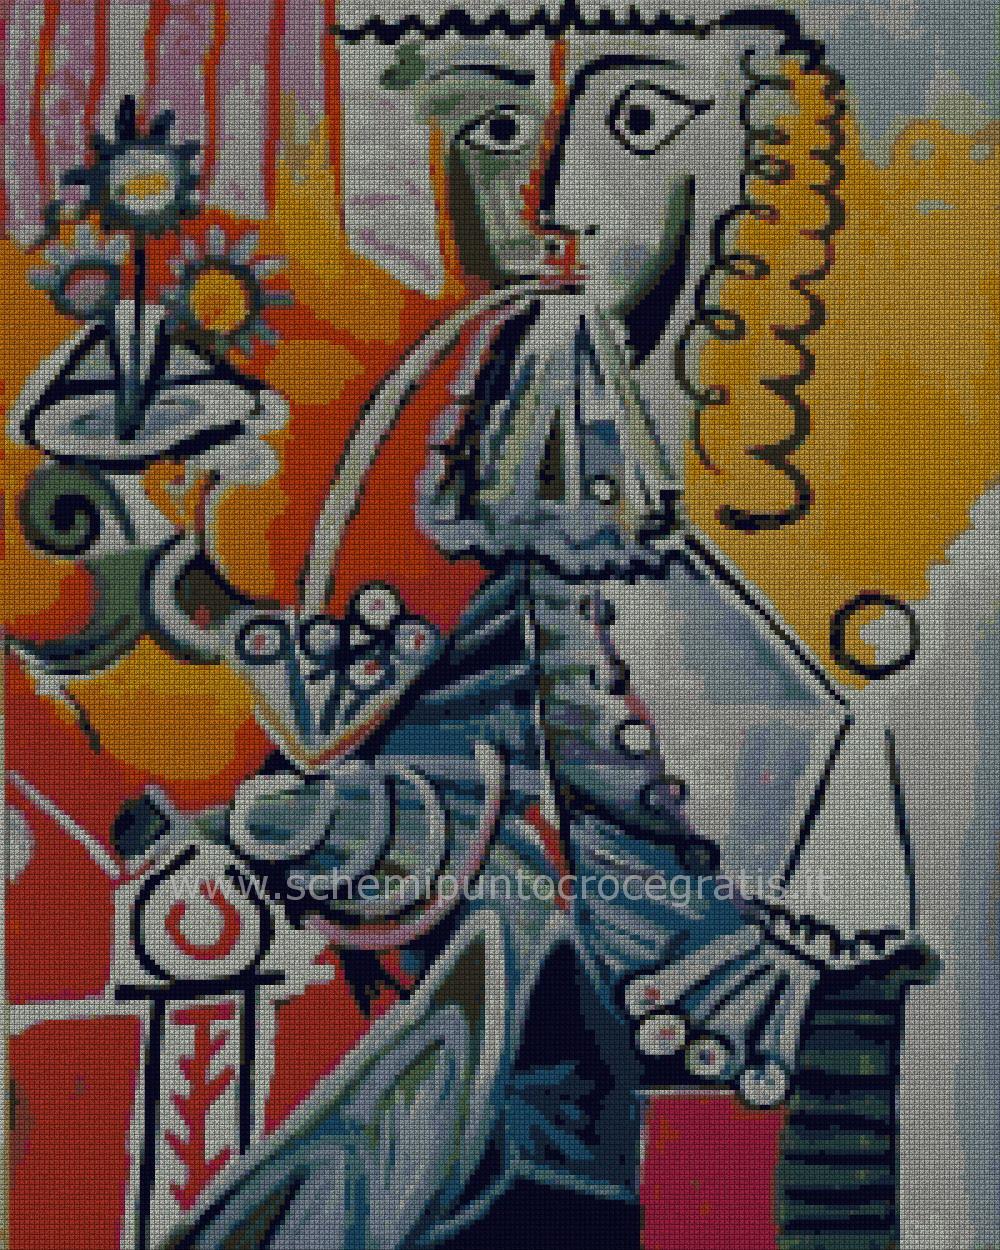 pittori_moderni/picasso/Picasso17.jpg